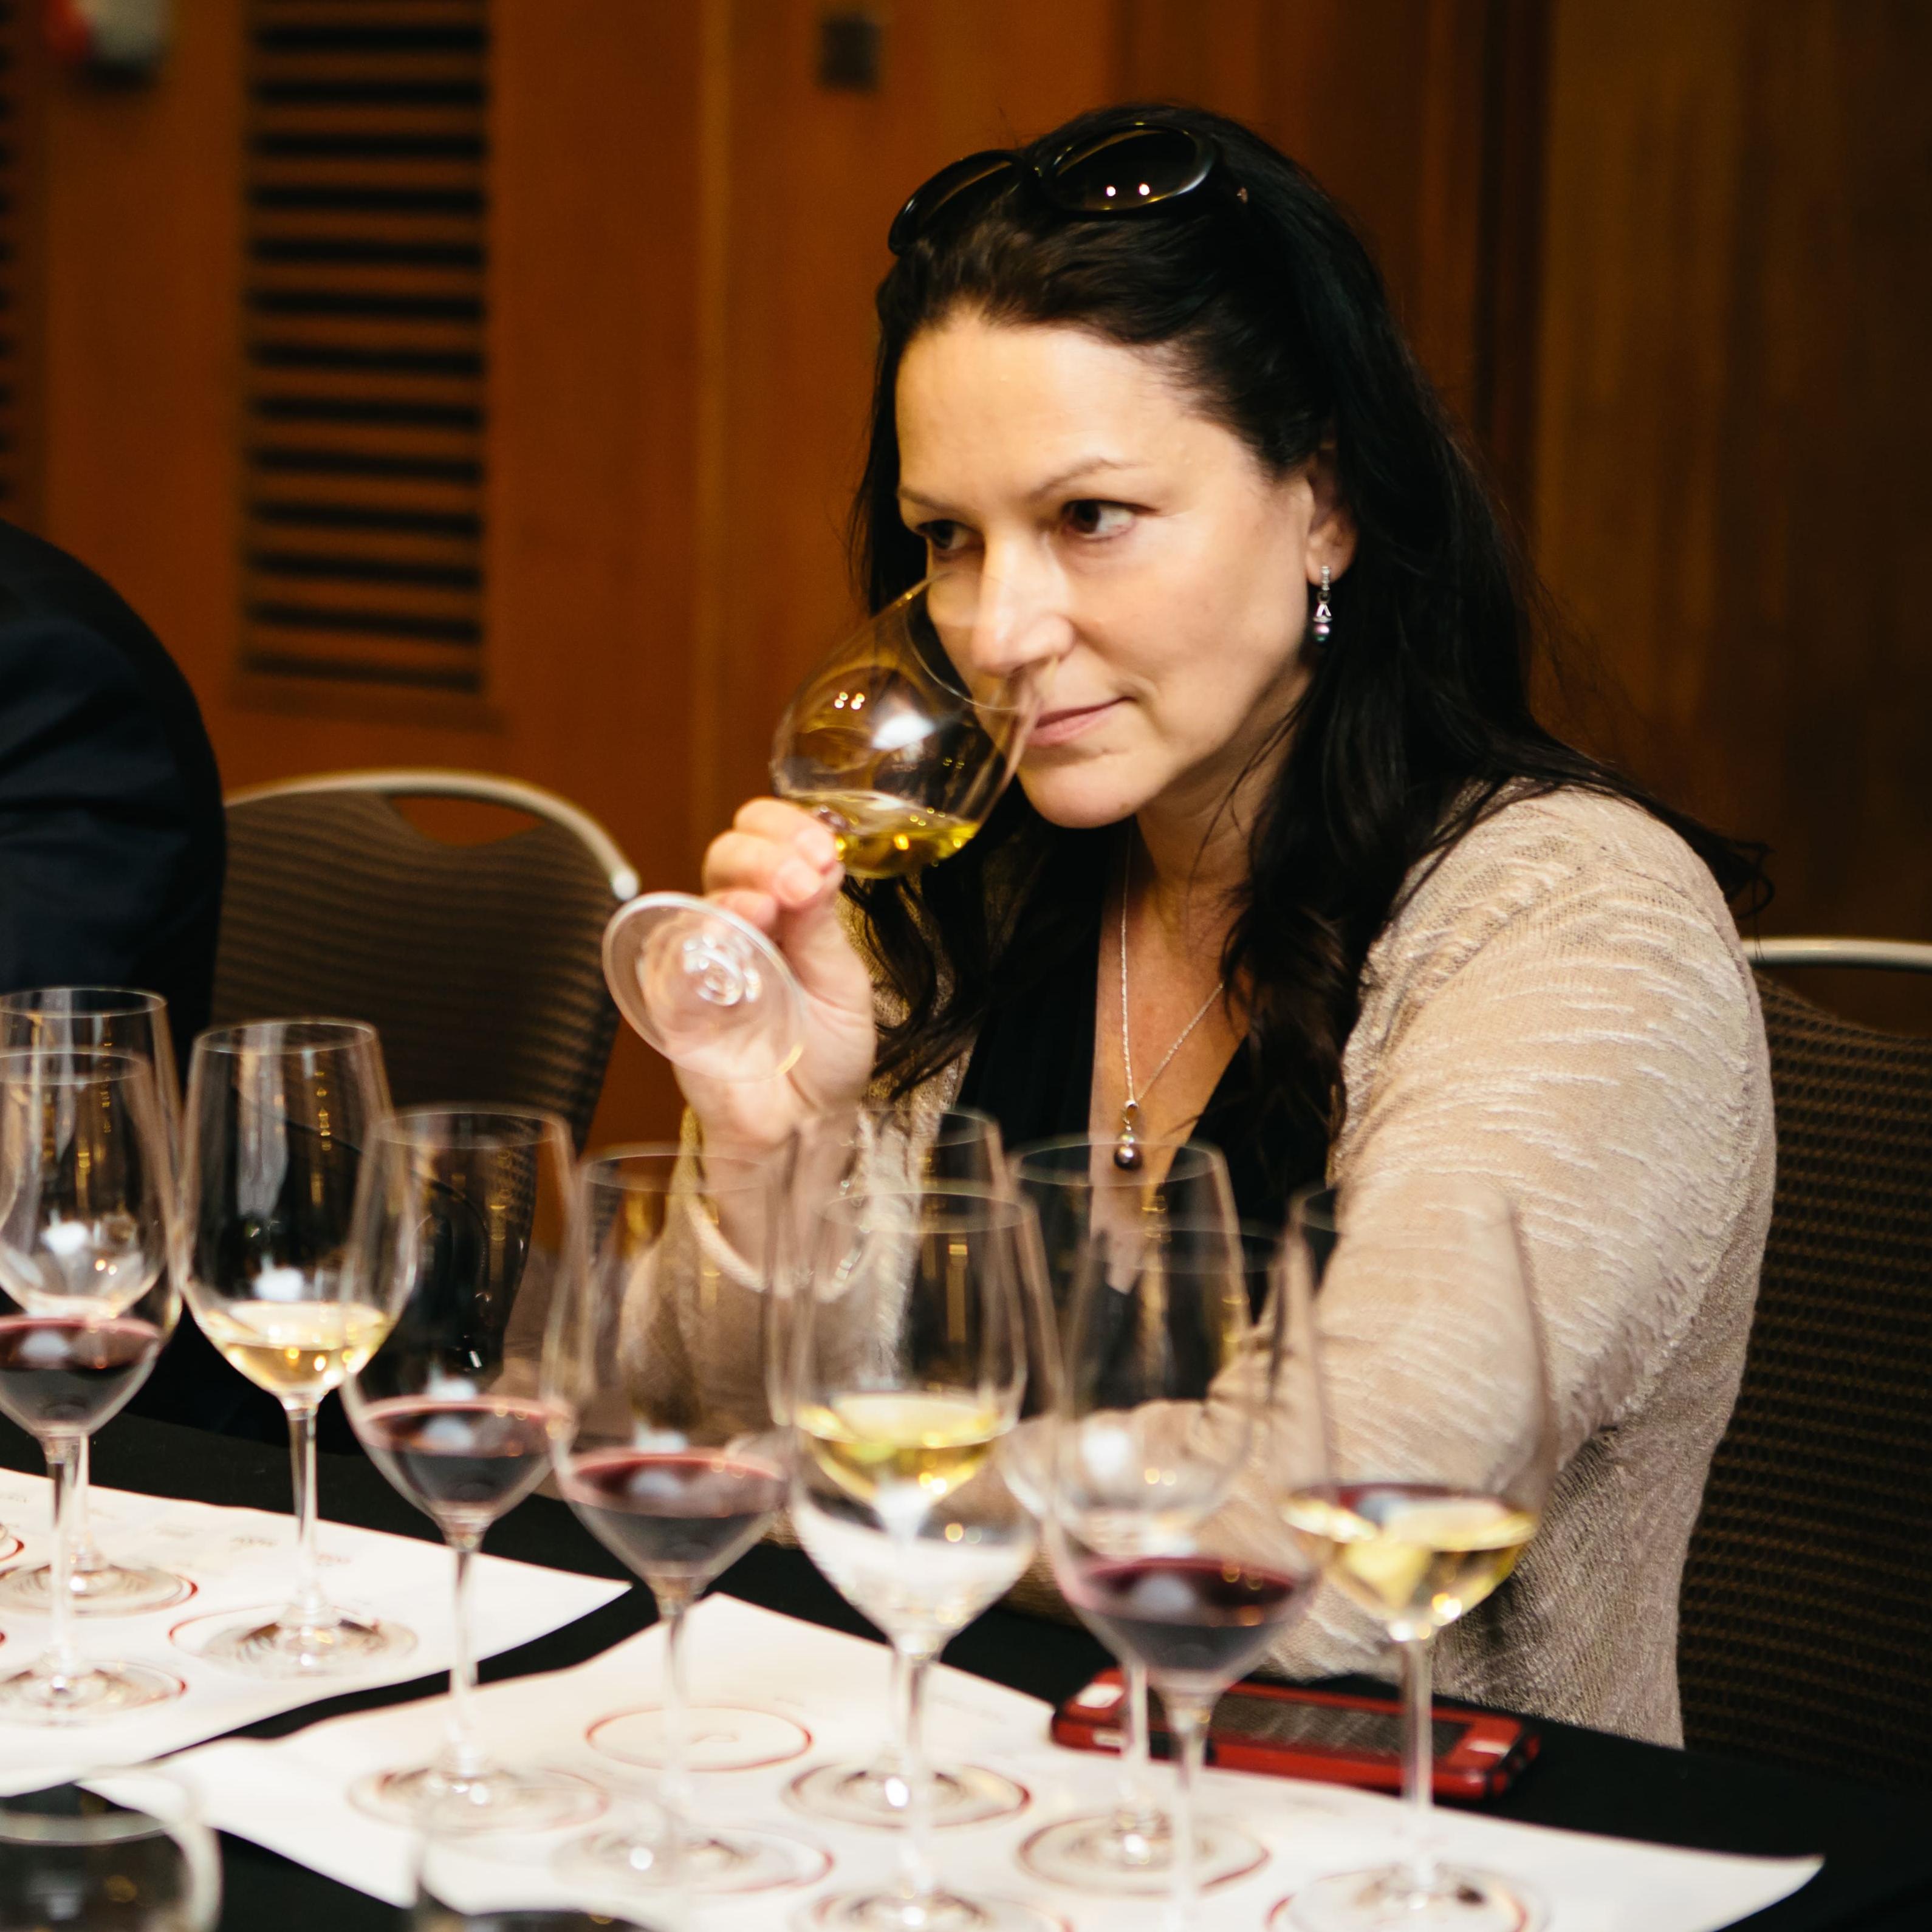 全球最大品酒系列活動首度搶進台灣,葡萄酒評級權威滿分的夢幻逸品現身台北!